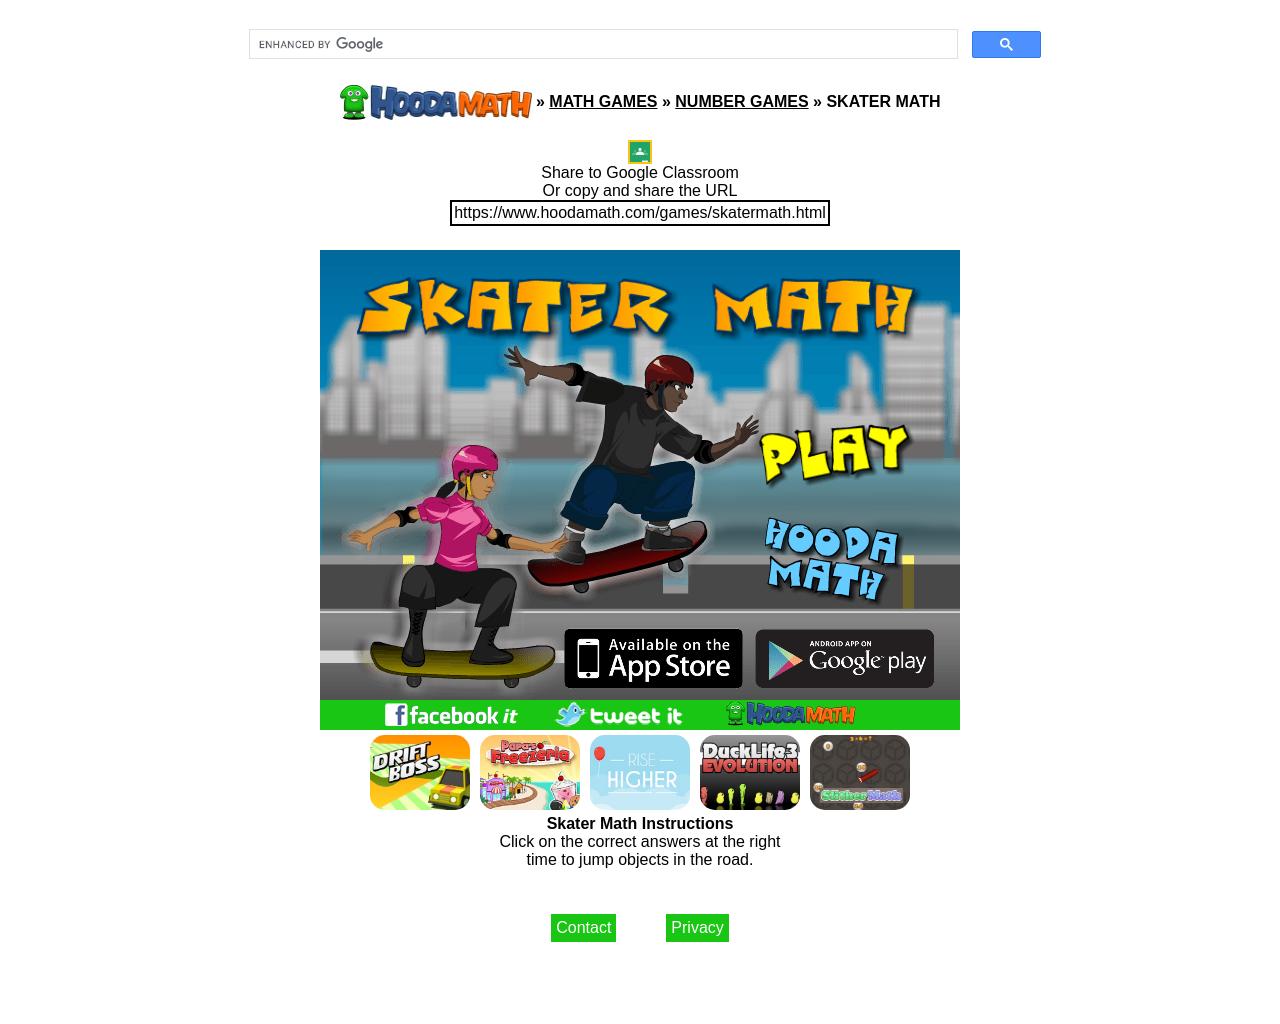 Skater Maths + - x